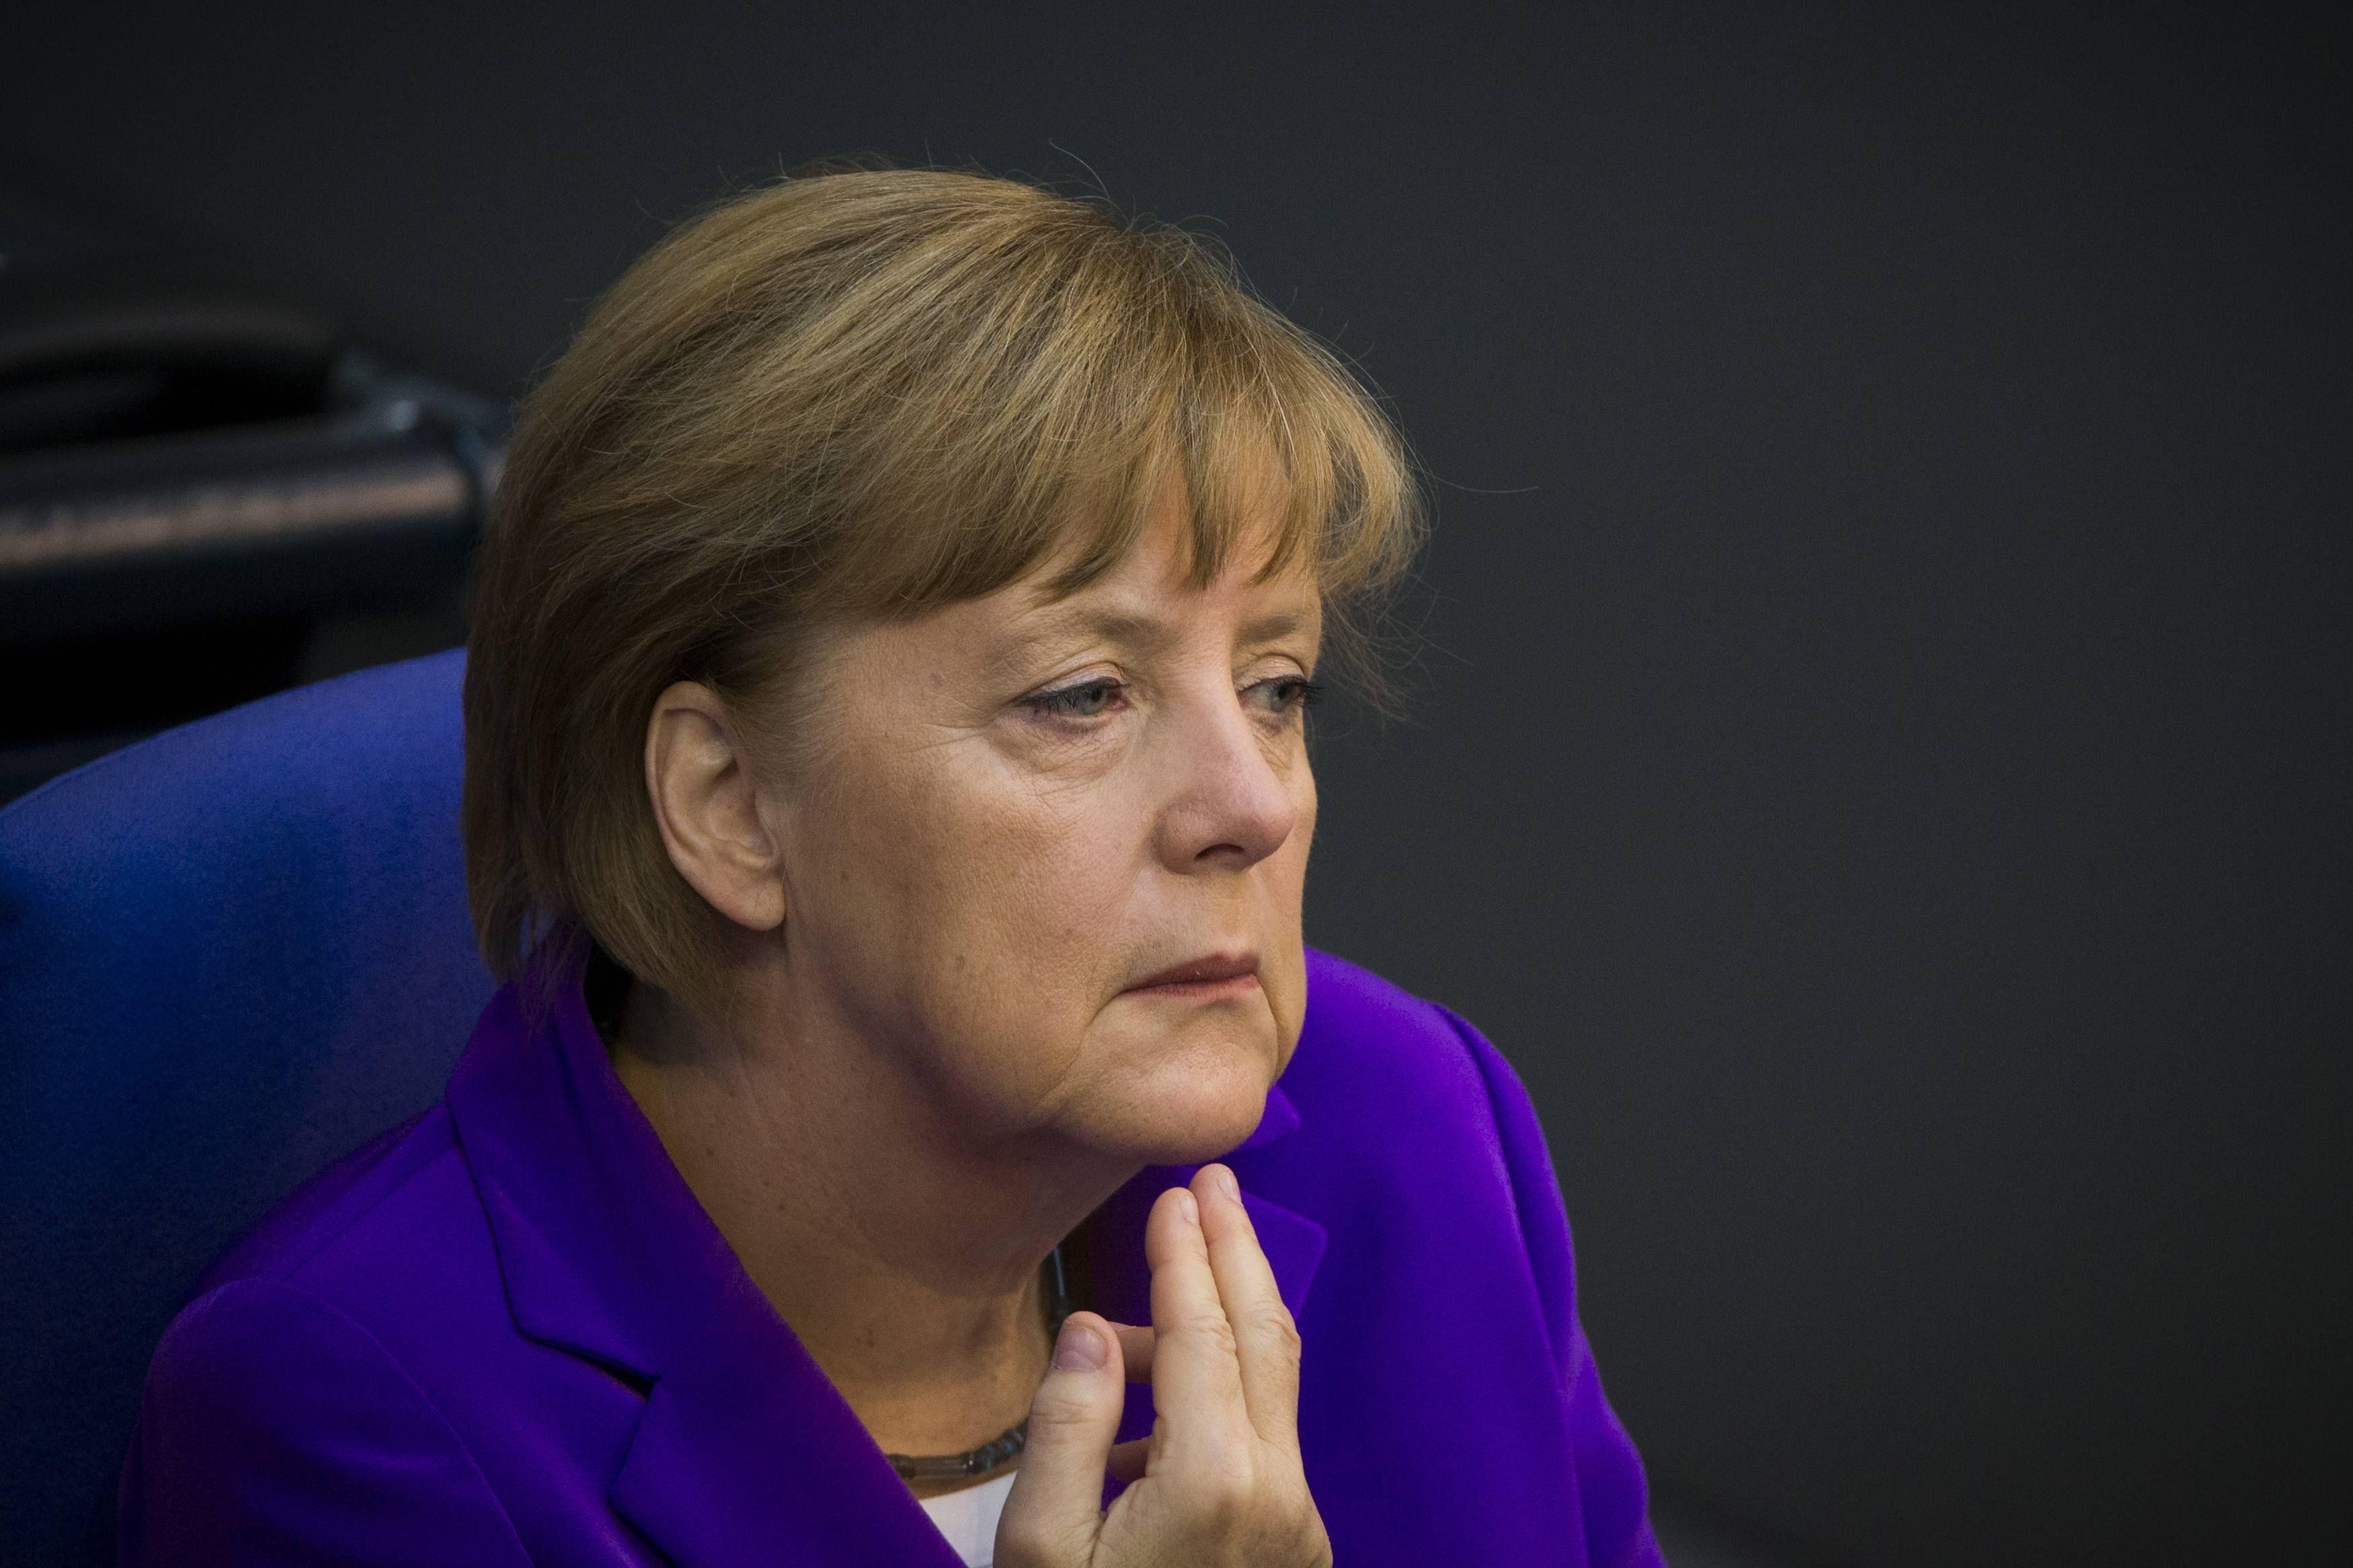 Меркель заявила о вине России в разрыве ДРСМД